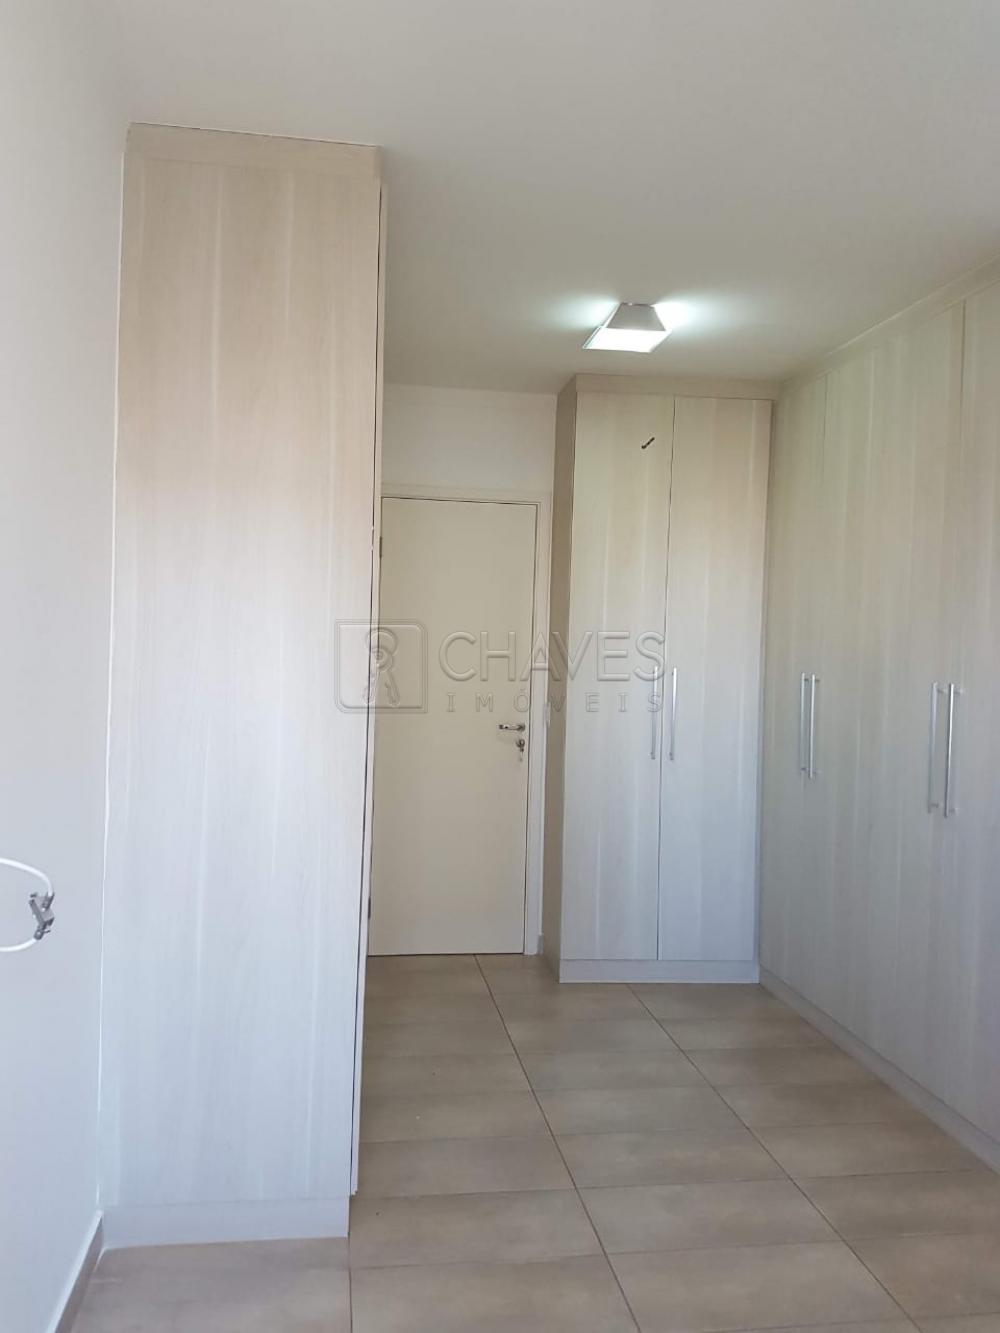 Alugar Apartamento / Padrão em Ribeirão Preto apenas R$ 2.700,00 - Foto 22